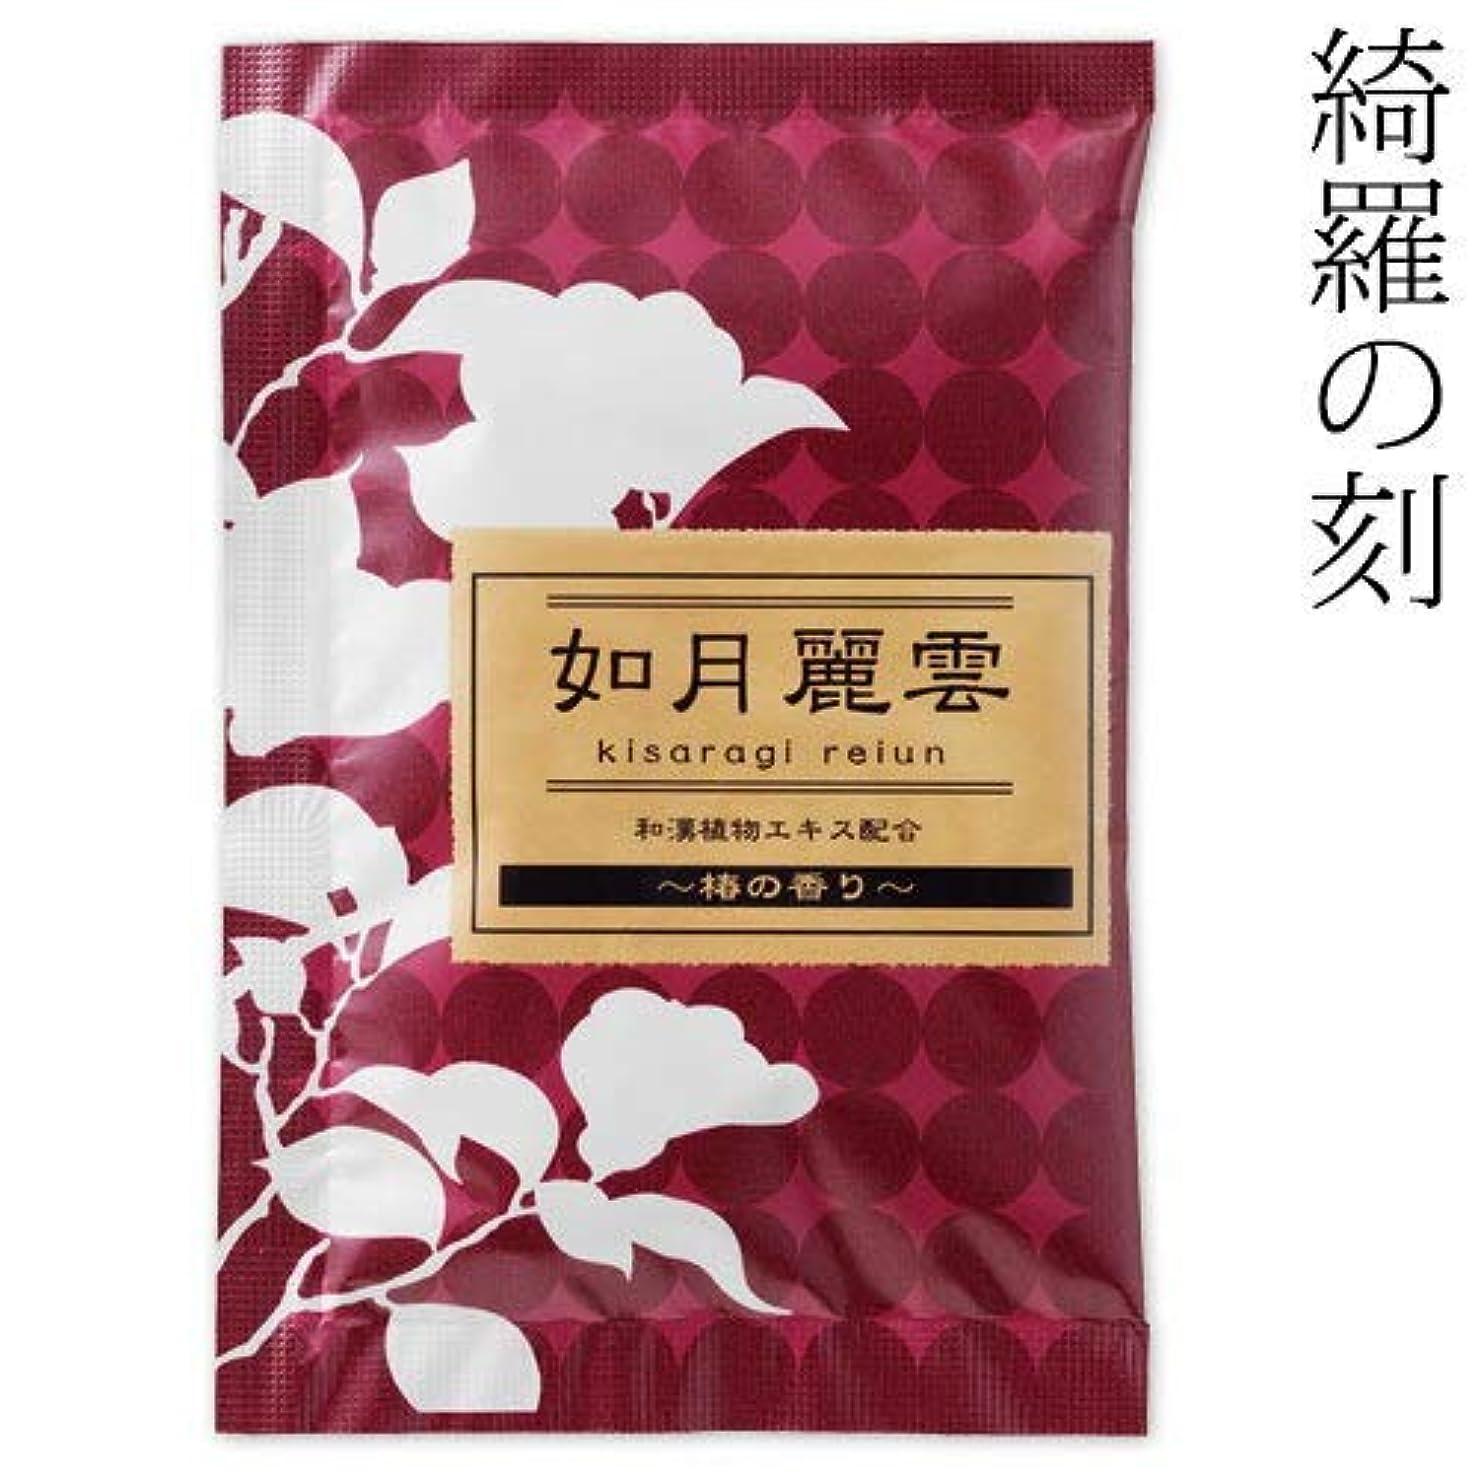 男やもめ価格病的入浴剤綺羅の刻椿の香り如月麗雲1包石川県のお風呂グッズBath additive, Ishikawa craft